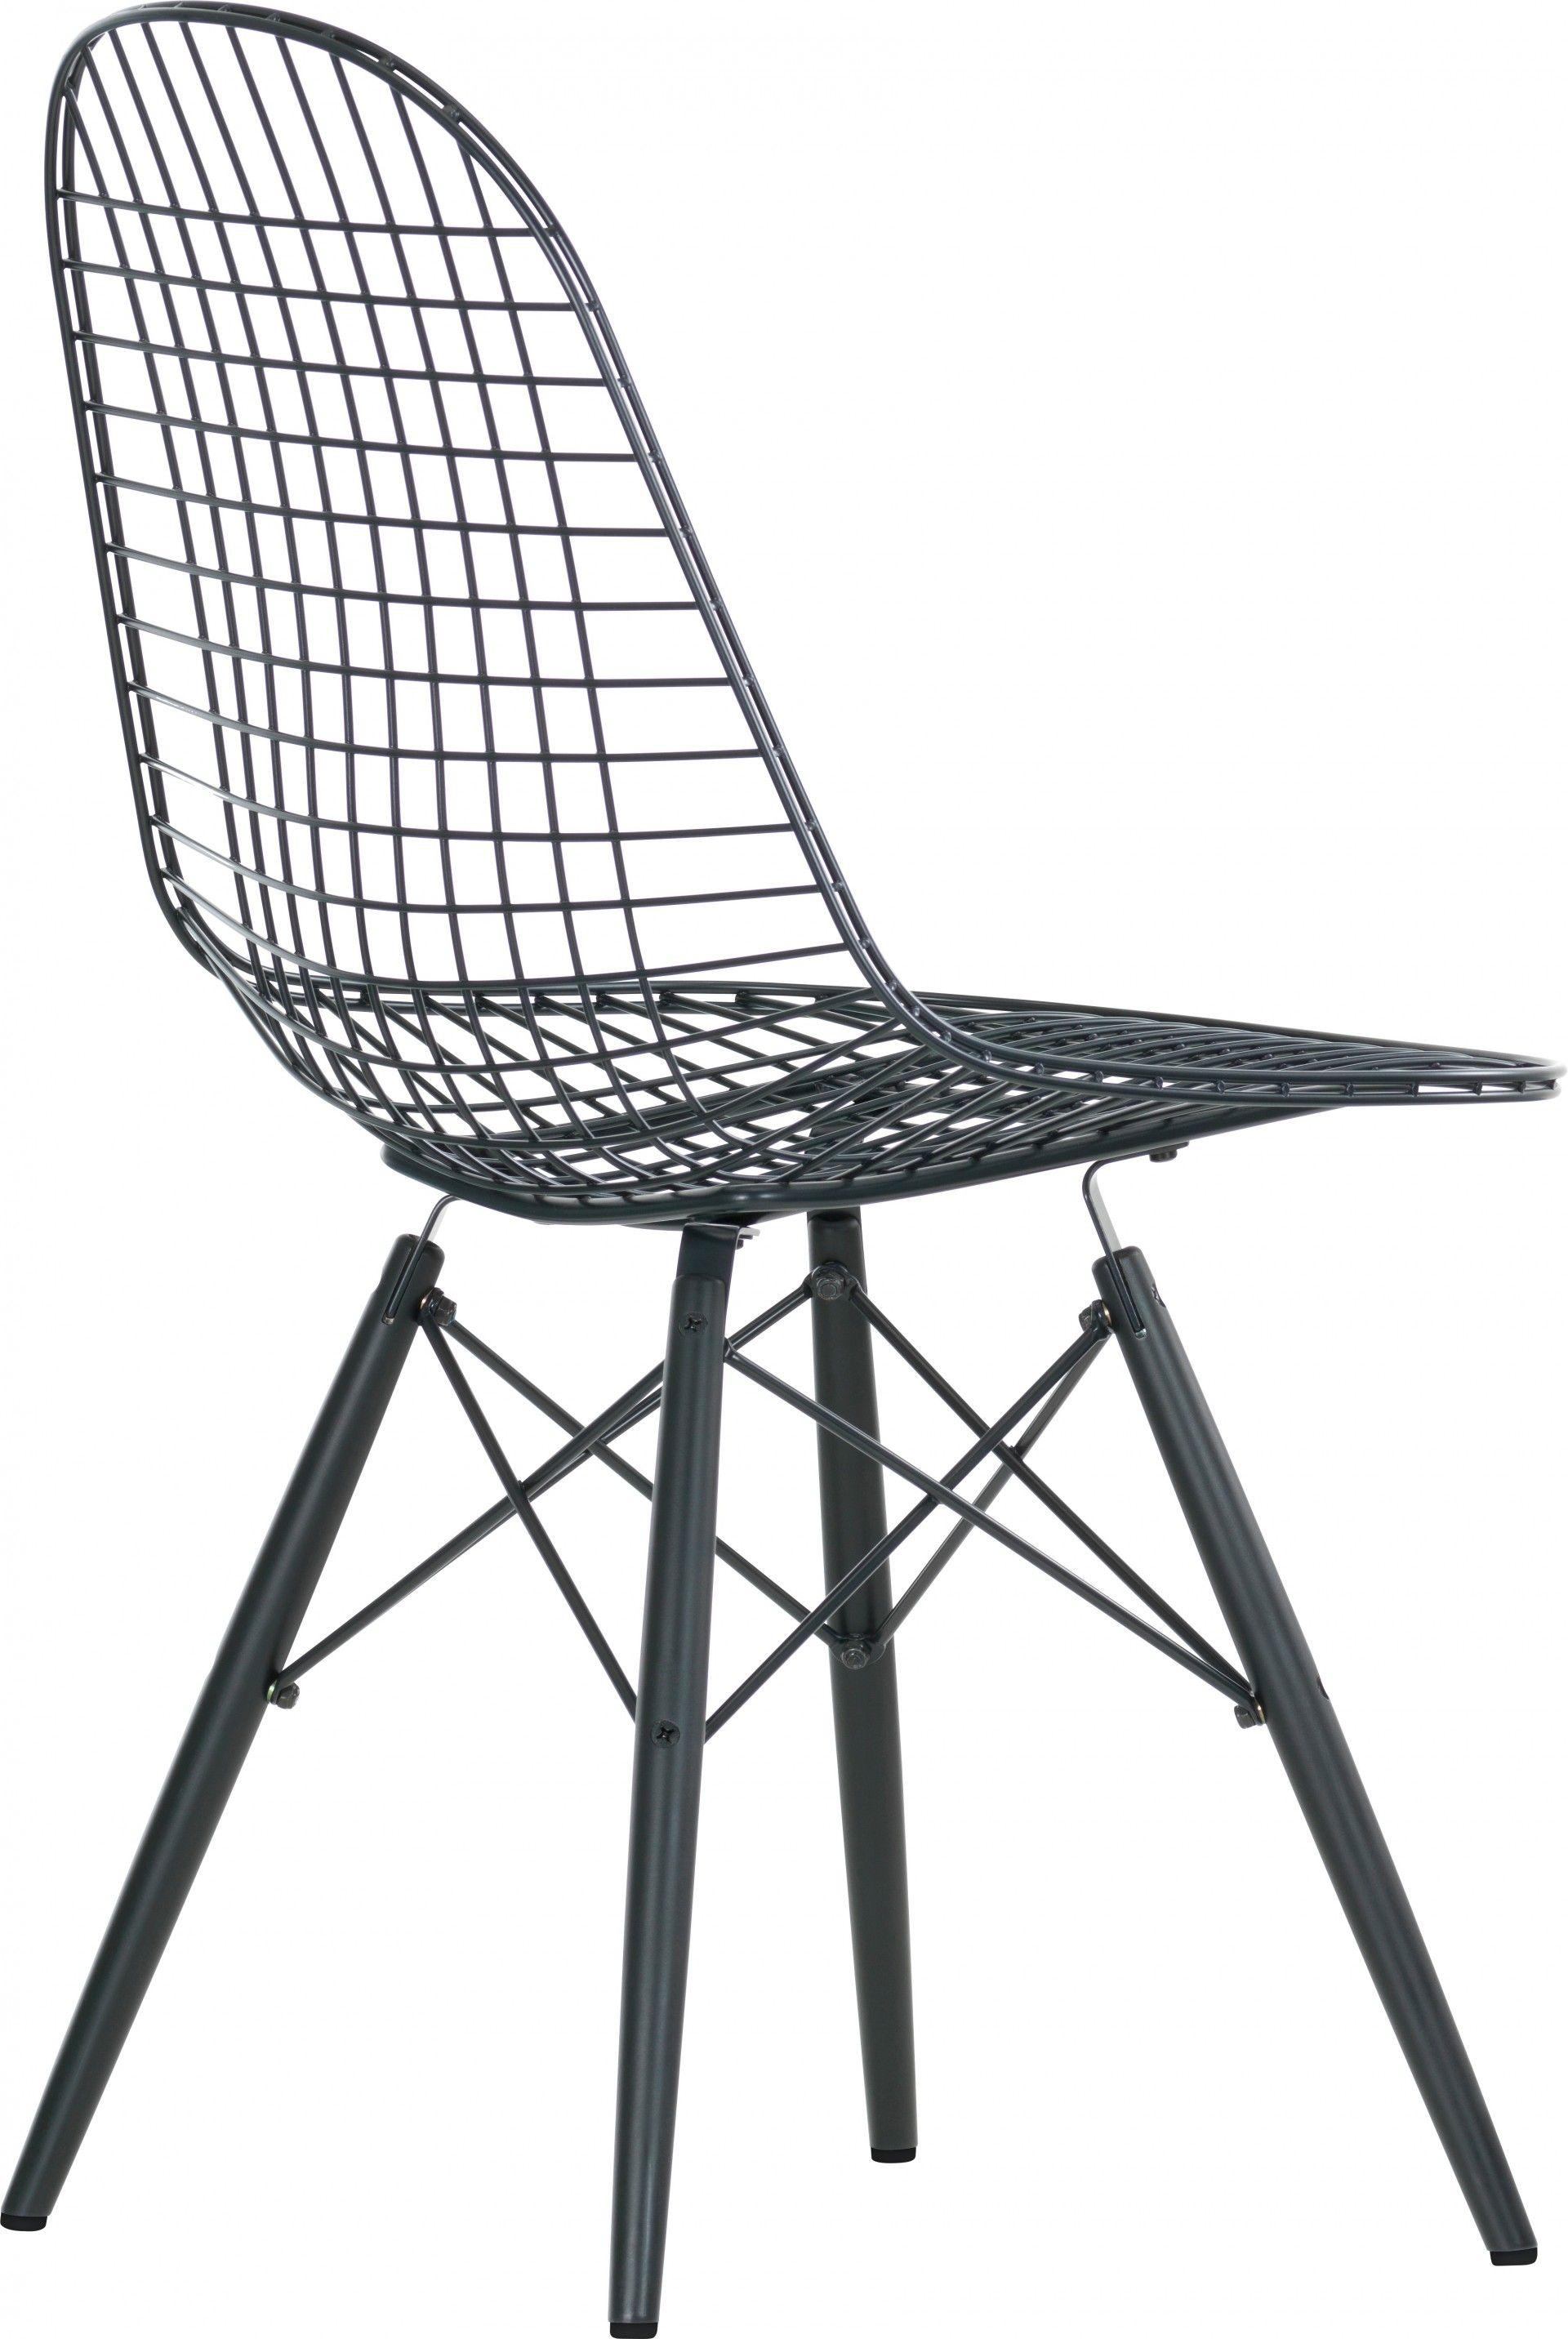 Eiffel Tower Wire Chair Stapelbar, Eames Stühle, Eames